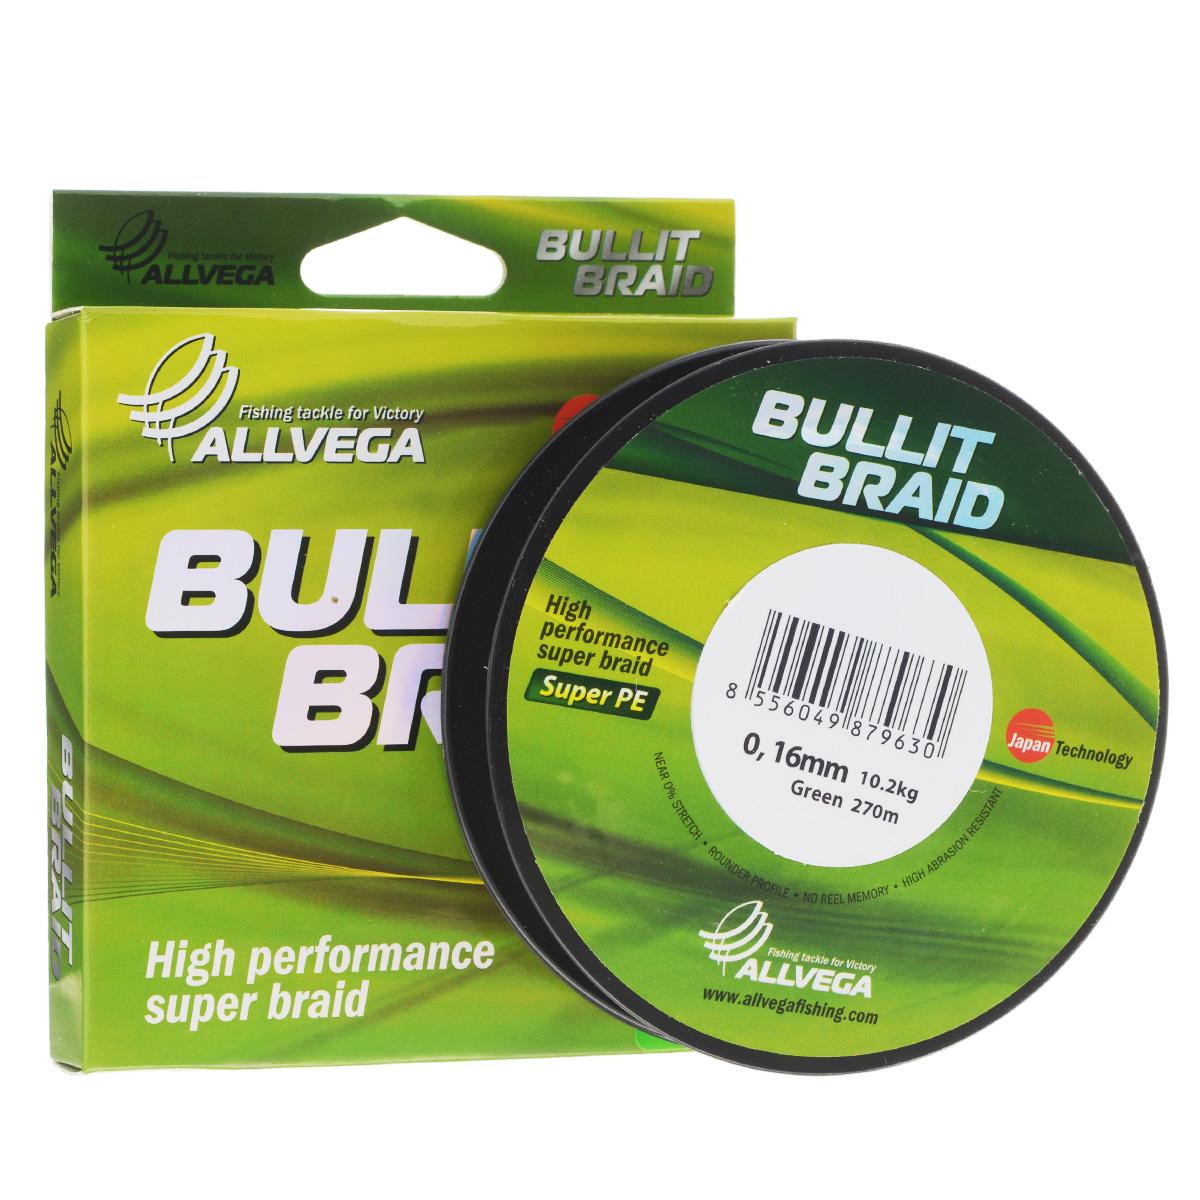 Леска плетеная Allvega Bullit Braid, цвет: темно-зеленый, 270 м, 0,16 мм, 10,2 кг36155Леска Allvega Bullit Braid с гладкой поверхностью и одинаковым сечением по всей длине обладает высокой износостойкостью. Благодаря микроволокнам полиэтилена (Super PE) леска имеет очень плотное плетение и не впитывает воду. Леску Allvega Bullit Braid можно применять в любых типах водоемов. Особенности:повышенная износостойкость;высокая чувствительность - коэффициент растяжения близок к нулю;отсутствует память; идеально гладкая поверхность позволяет увеличить дальность забросов; высокая прочность шнура на узлах.